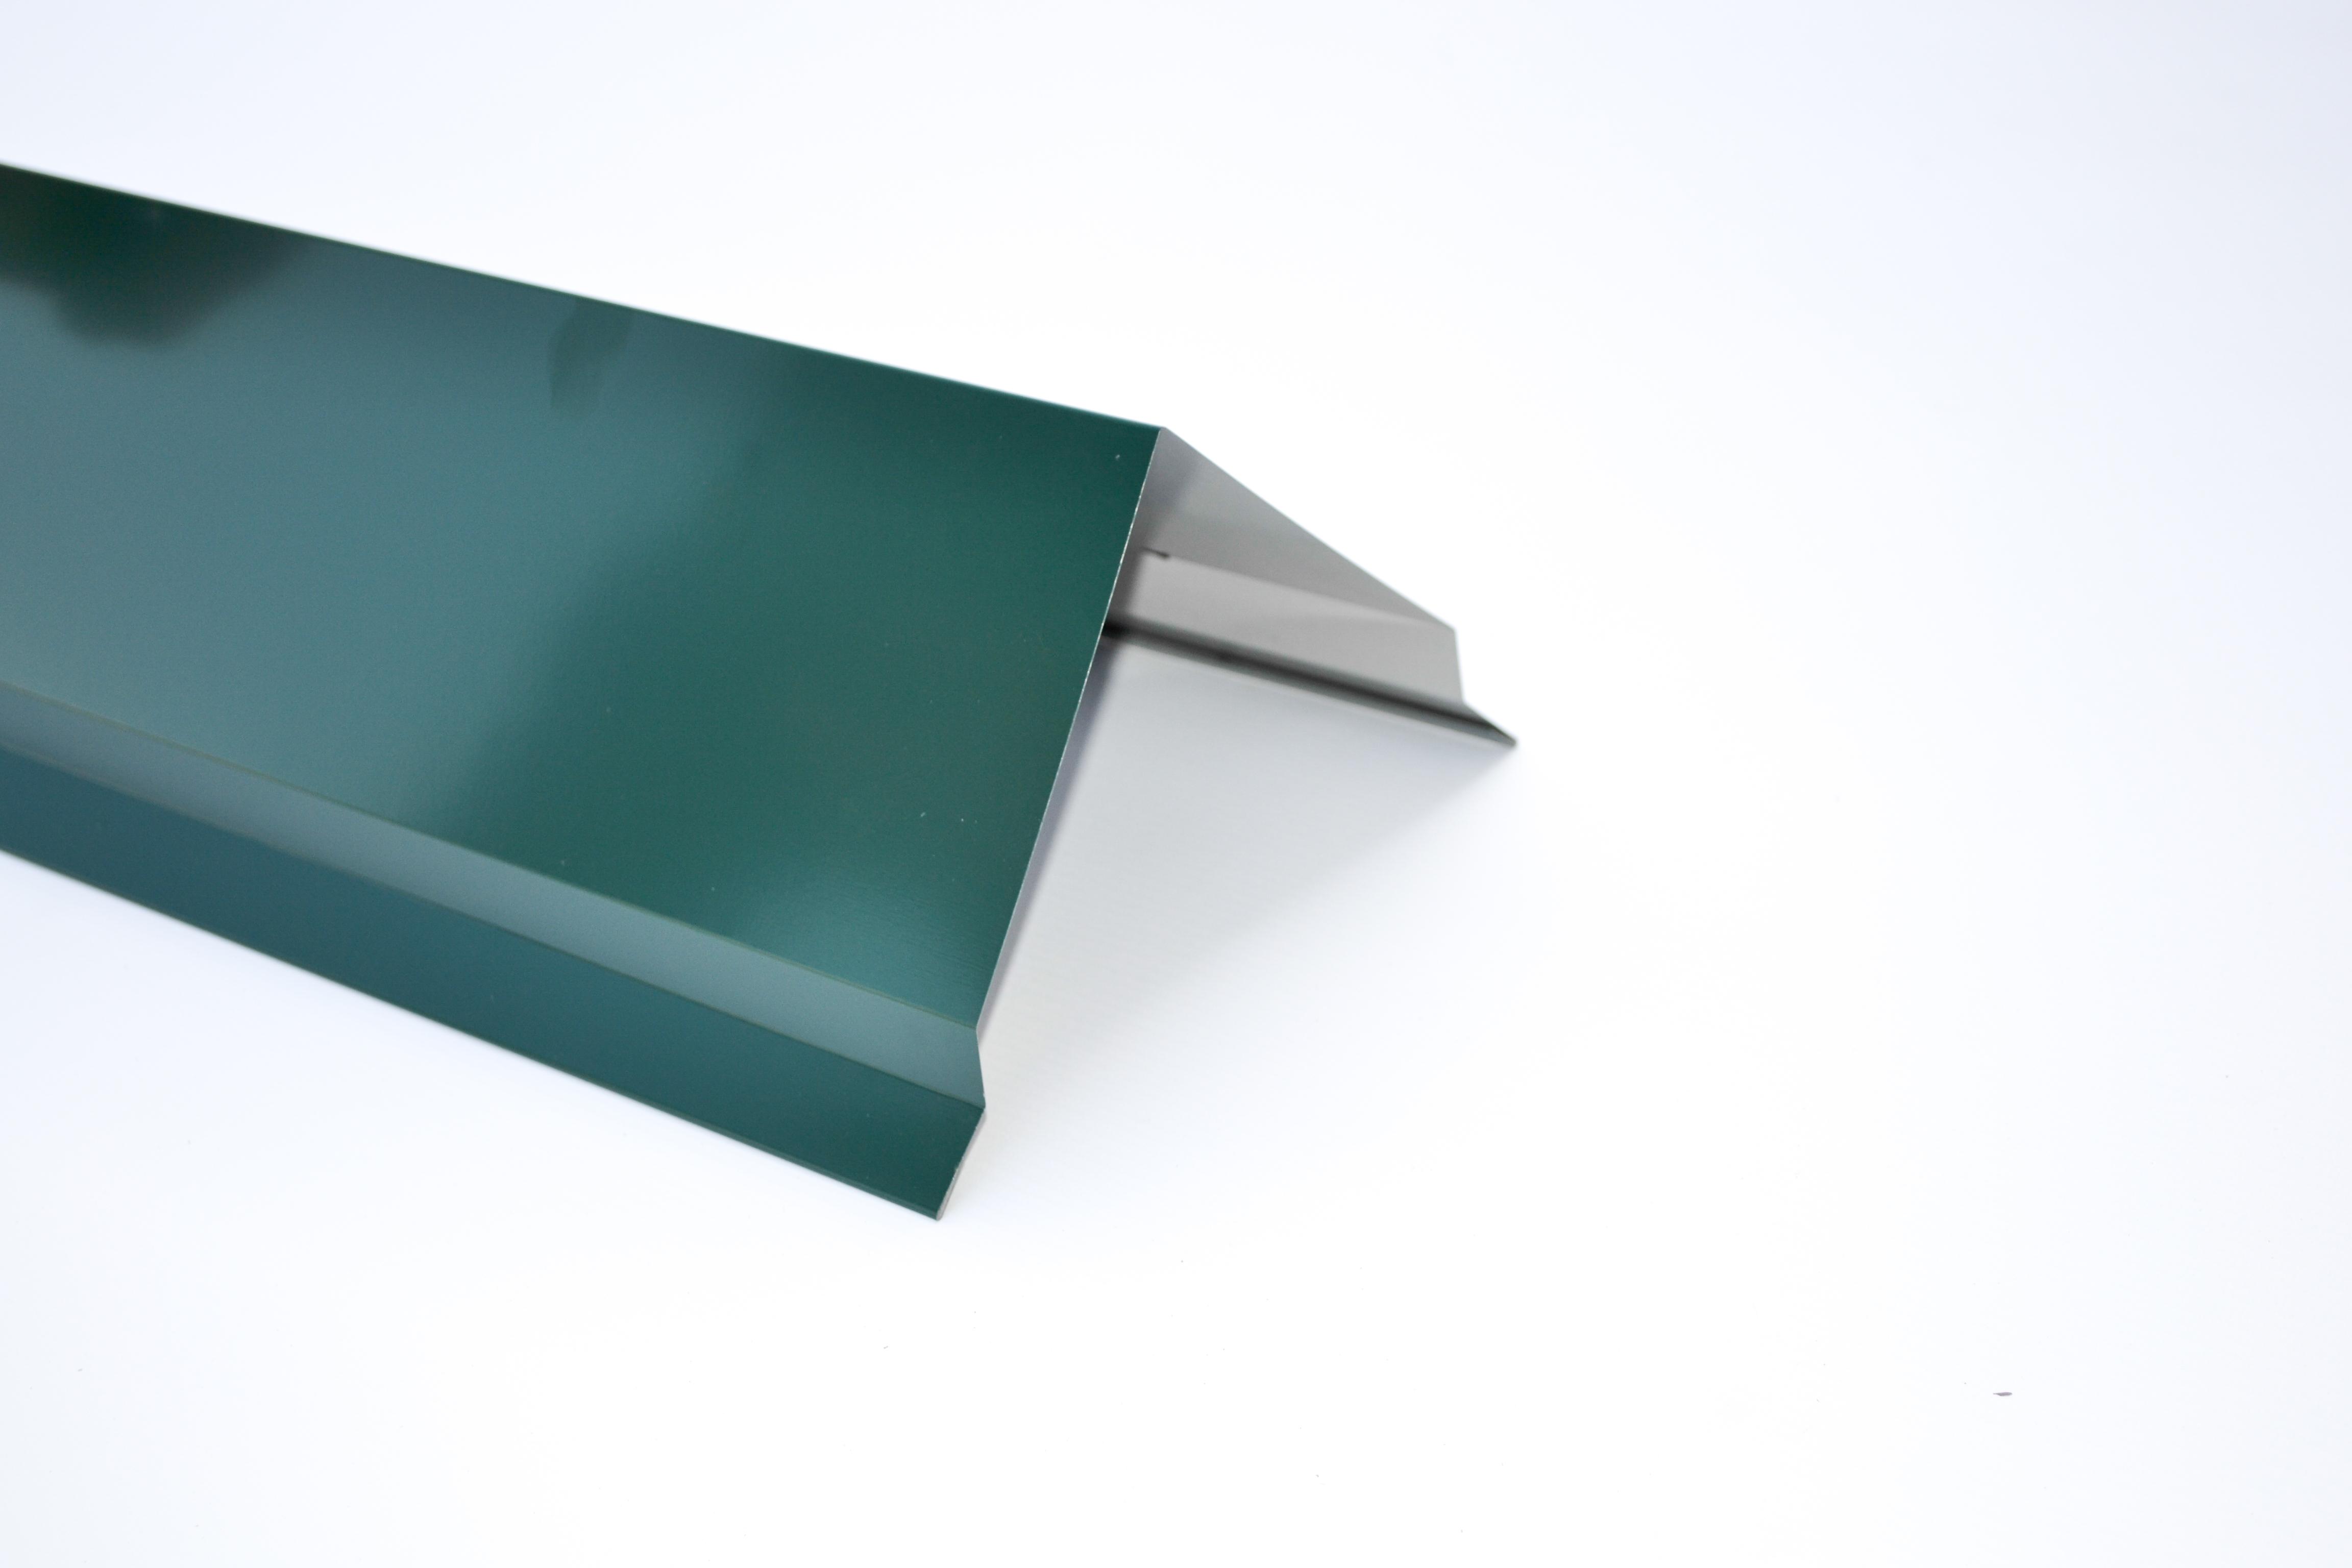 Außenecke Winkelblech 140 x 140 mm 90° Stahlblech 0,50mm dick ...